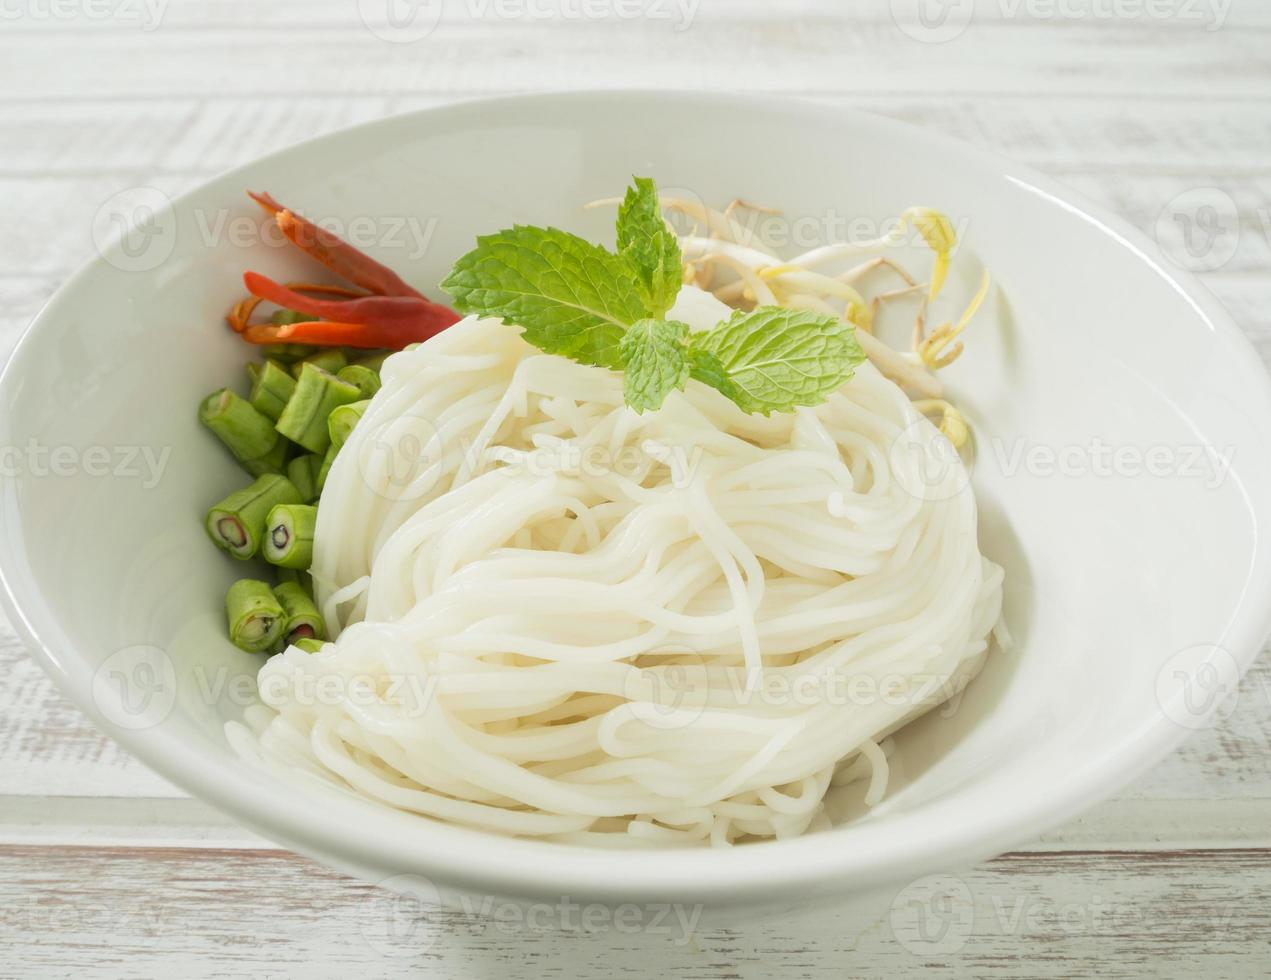 vermicelli di riso tailandese foto